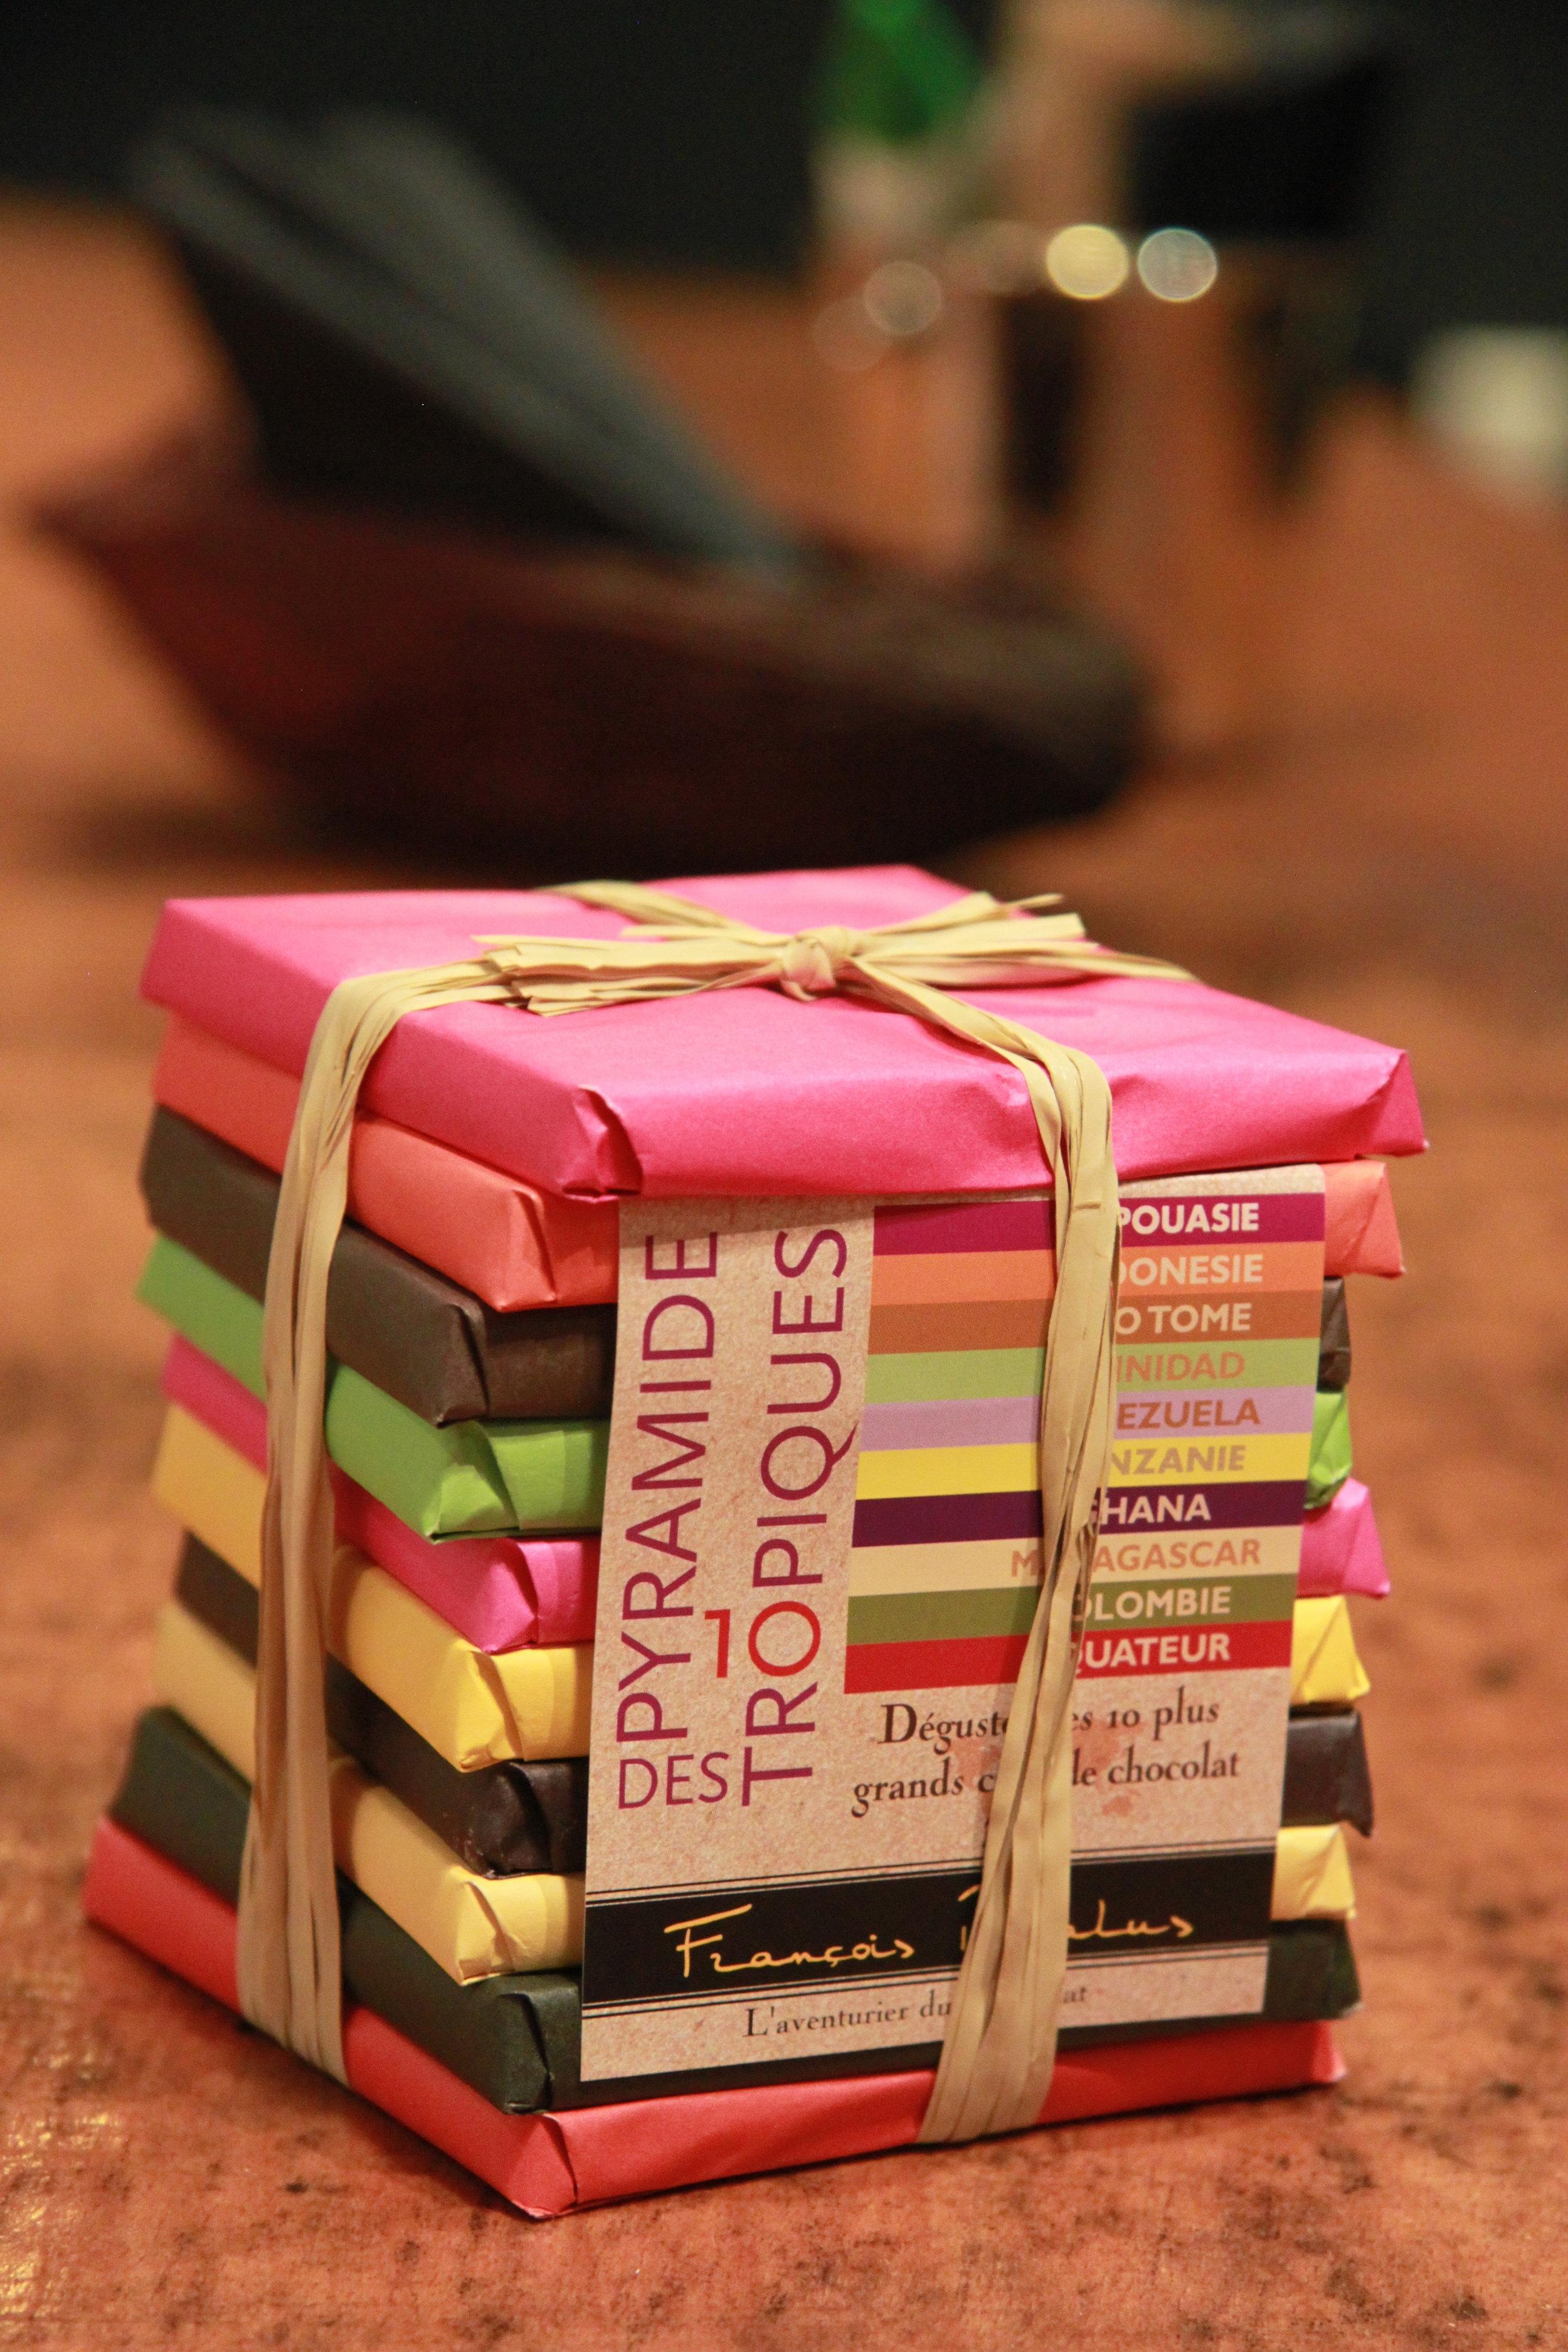 シングルビーンの産地がちがう10枚のバーチョコレートのアソートメント、 François Pralus